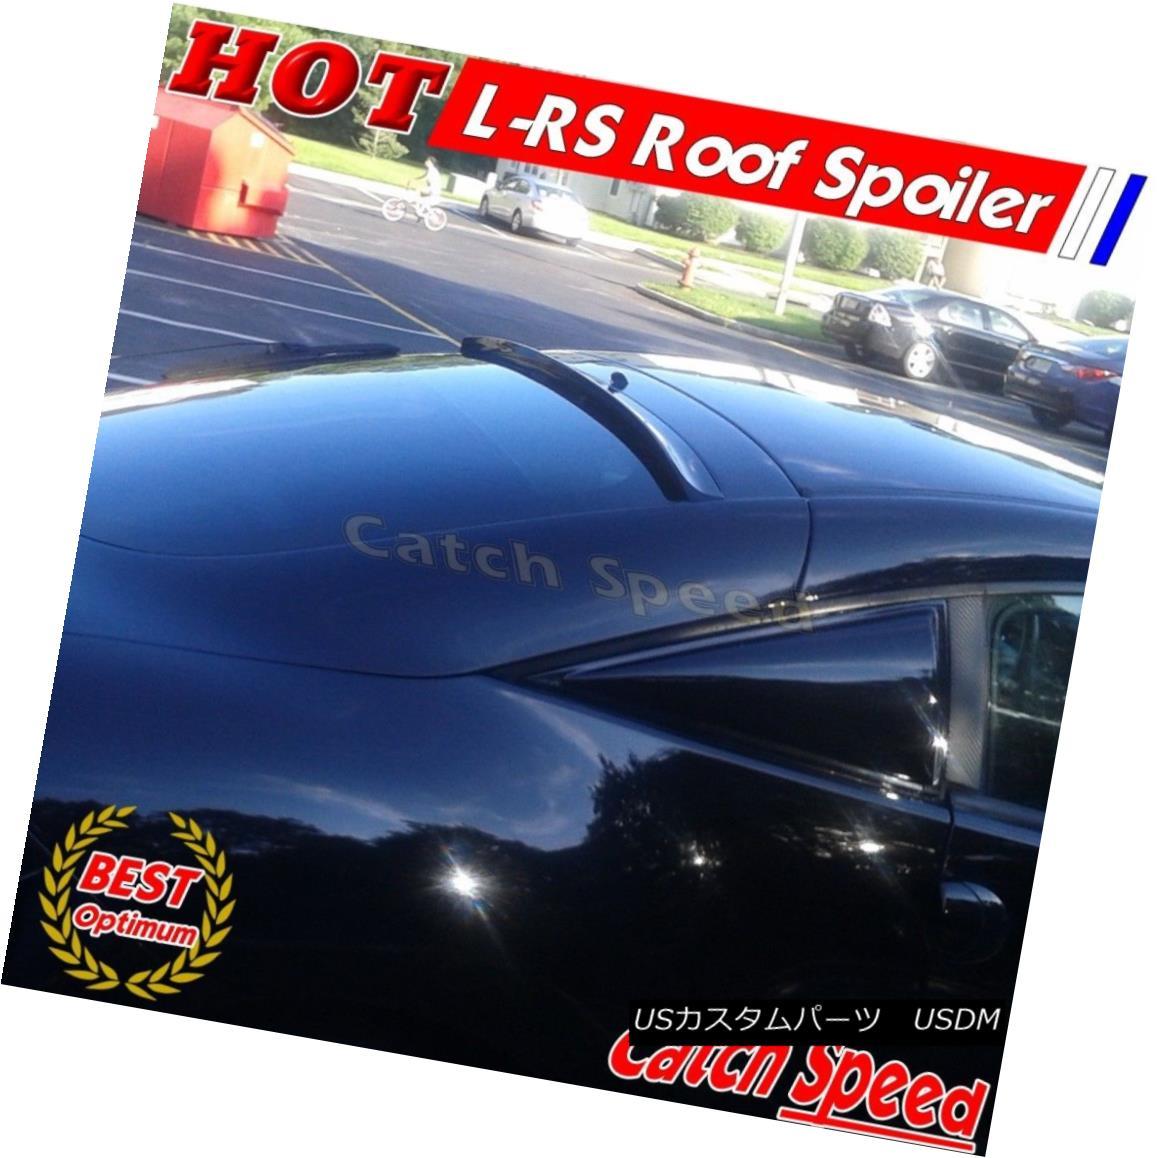 エアロパーツ Flat Black LRS Type Rear Window Roof Spoiler Wing For Audi A8 D2 Sedan 1994~02 ? フラットブラックLRSタイプリアウィンドウルーフスポイラーウィングfor Audi A8 D2セダン1994?02?